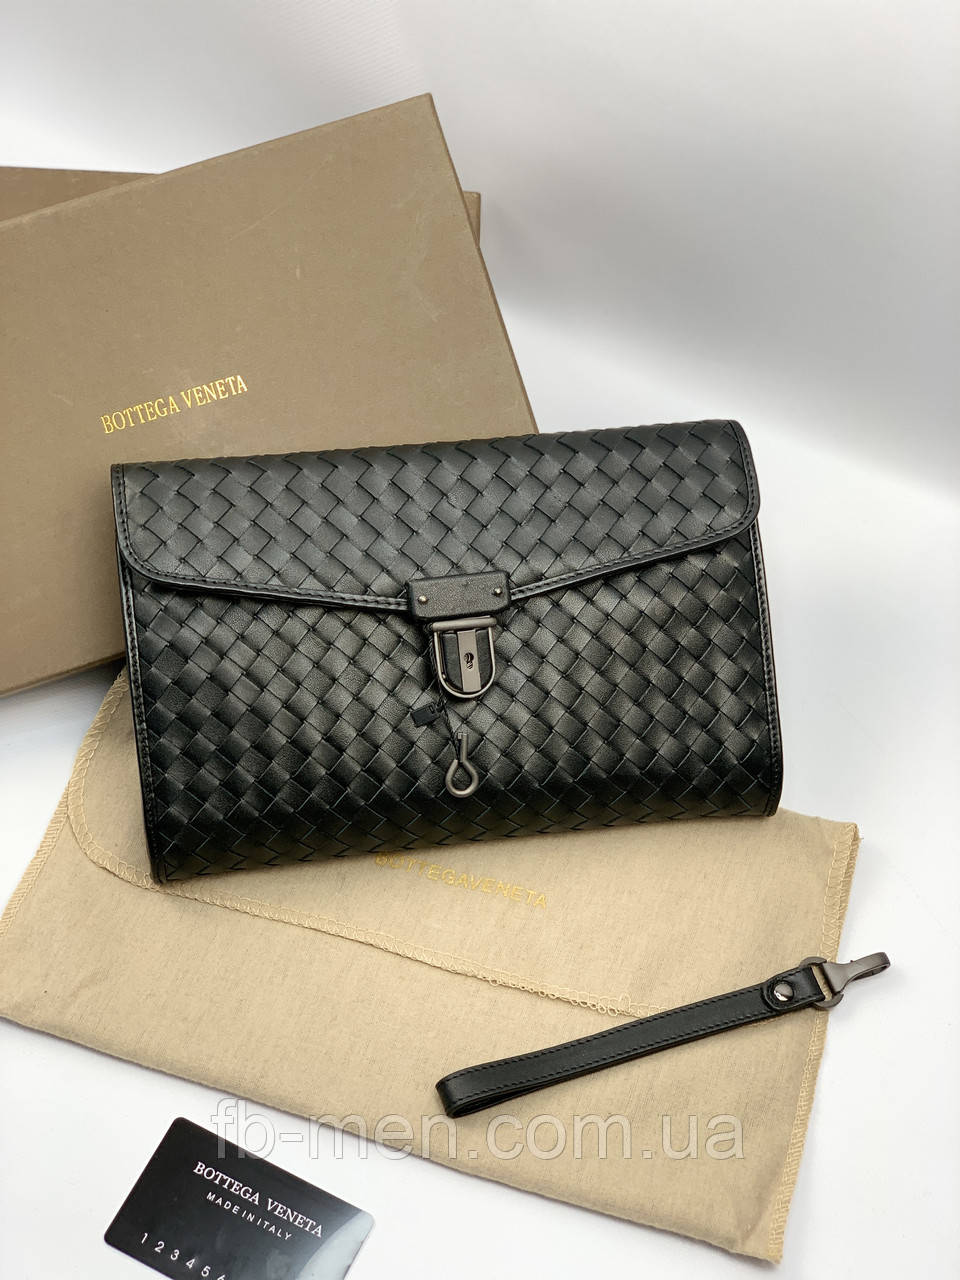 Папка под документы Bottega Veneta мужская женская Клатч кожаный Боттега Венета Барсетка черная Bottega Veneta